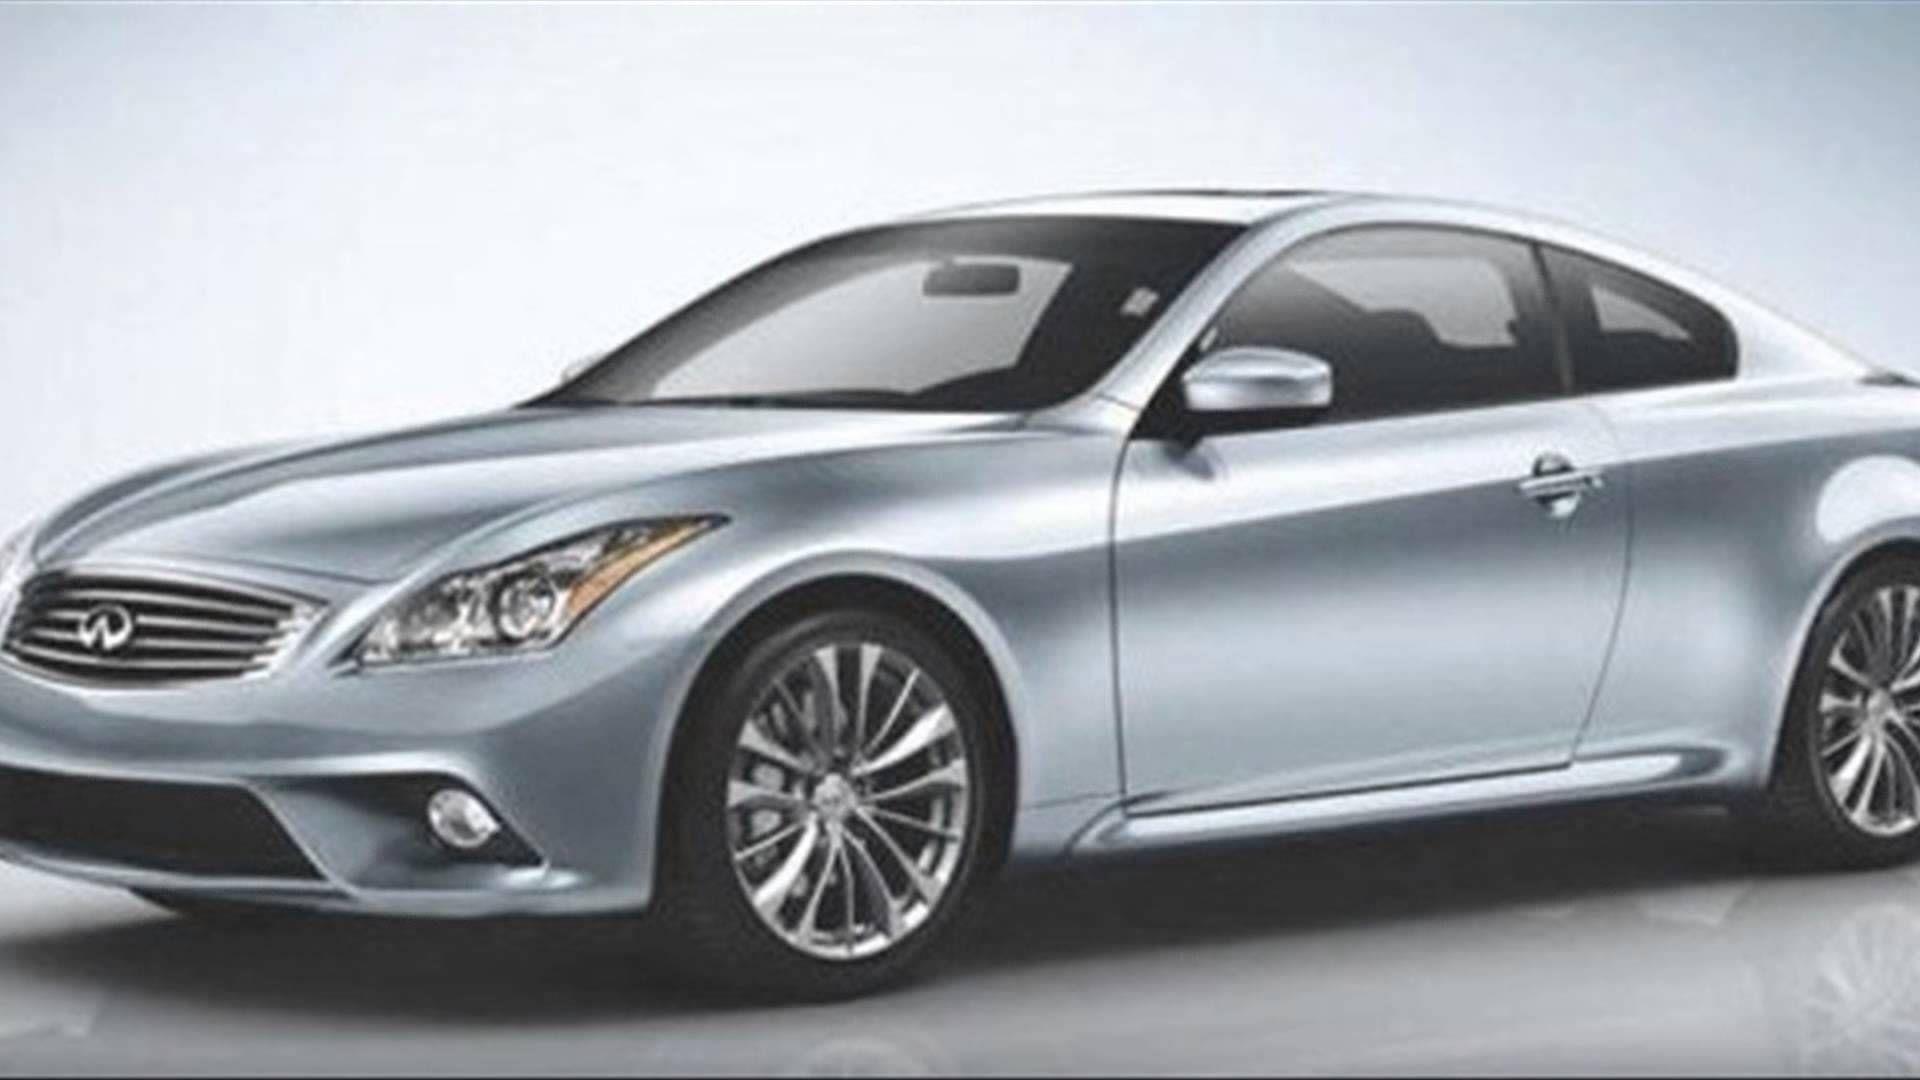 2013 Infiniti IPL G Another convertible option